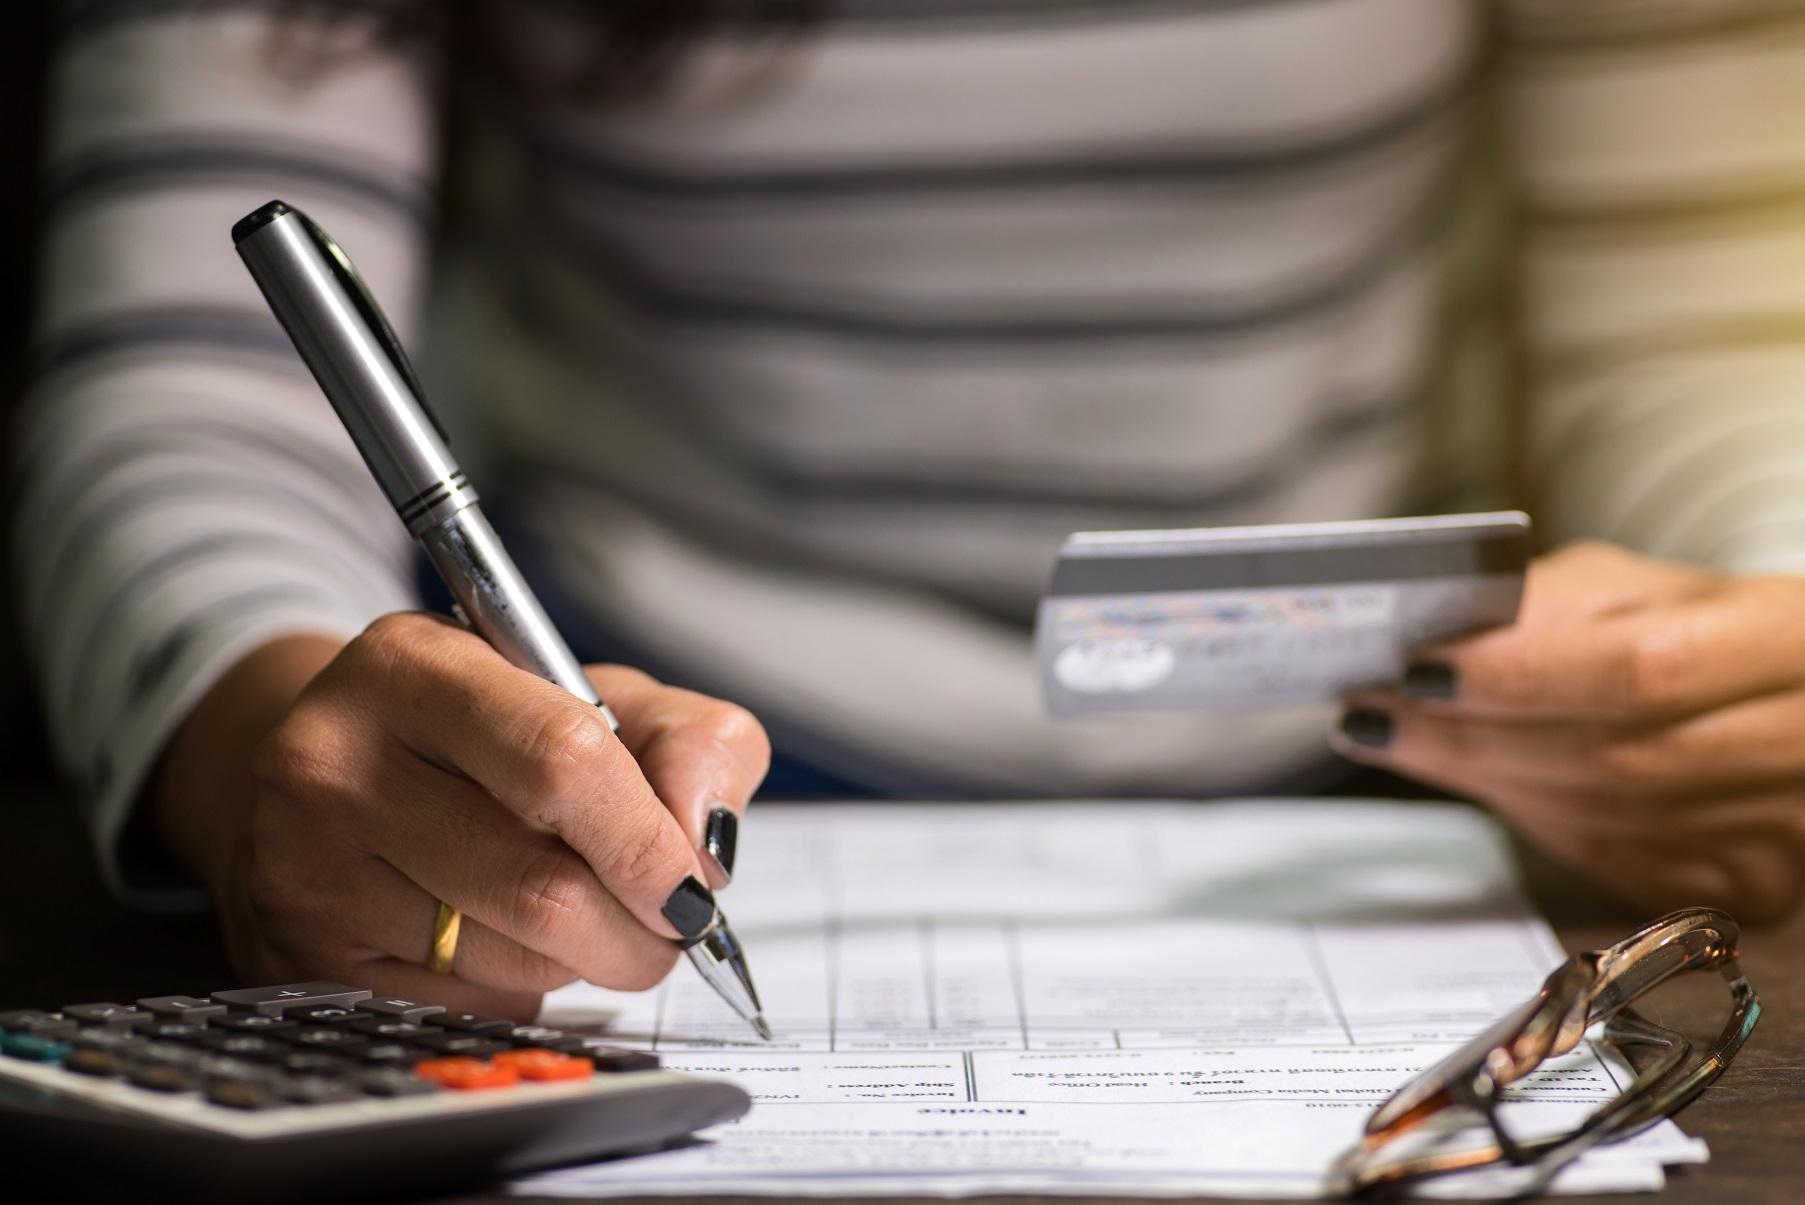 Ұлттық банк жаңа заң бойынша кімдерге кредит берілмейтінін мәлімдеді